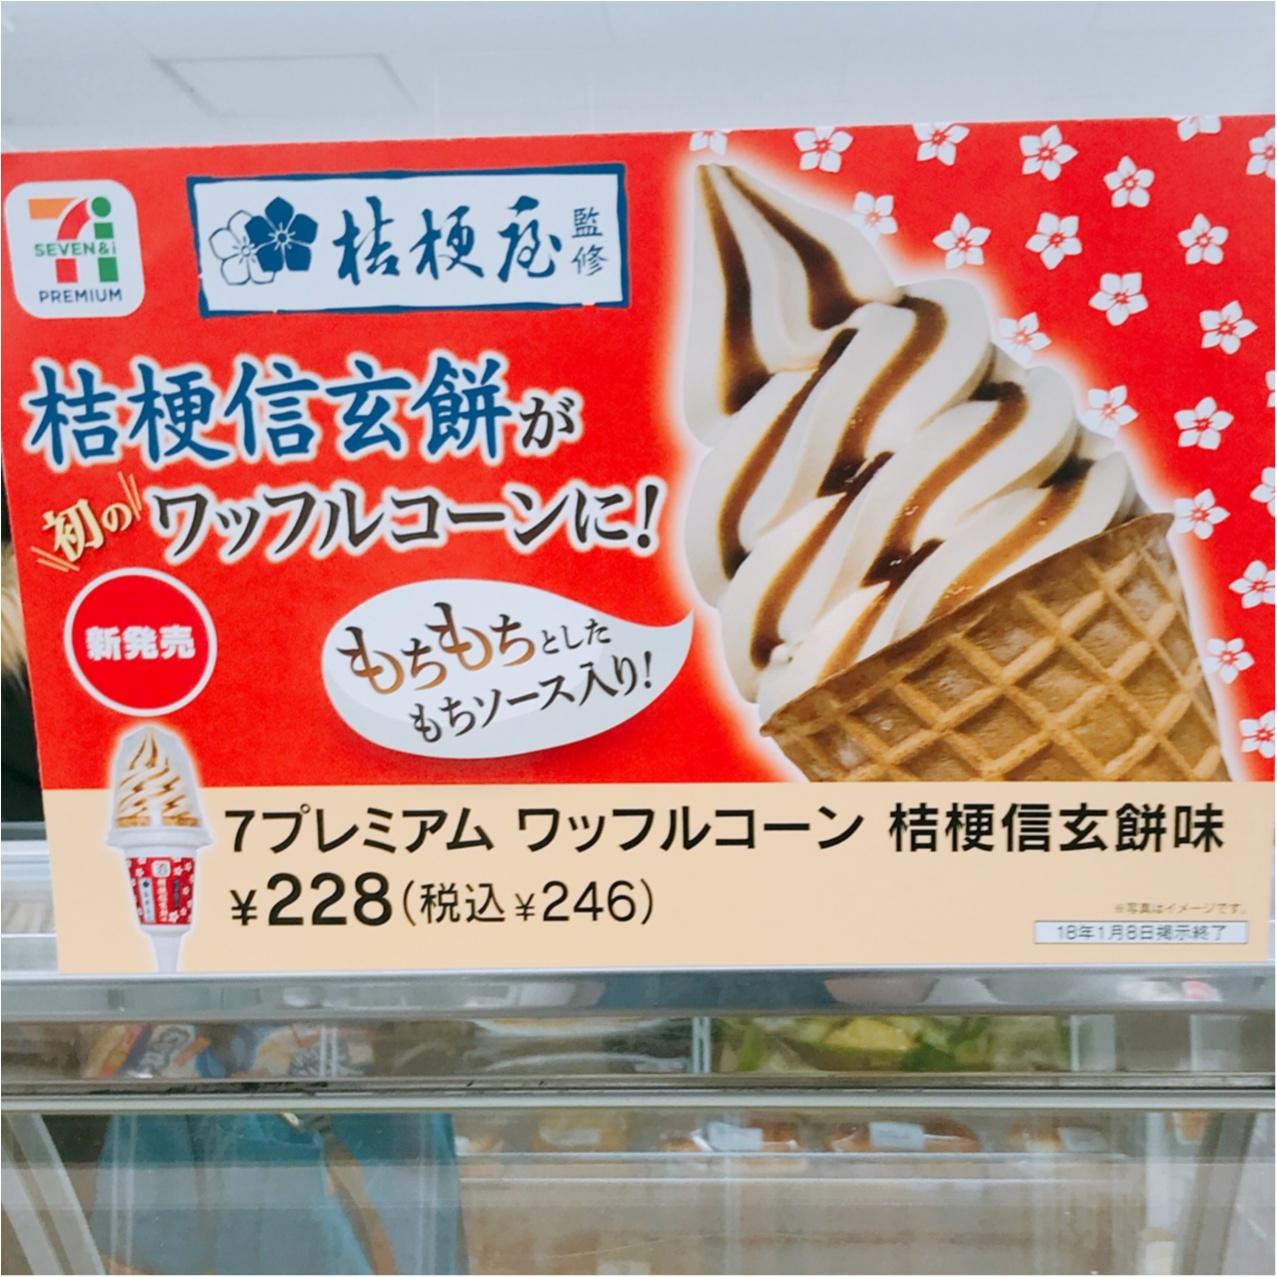 ひんやりもちもち!今年初アイスはセブンプレミアム【ワッフルコーン 桔梗信玄餅味】で決まり♡_3